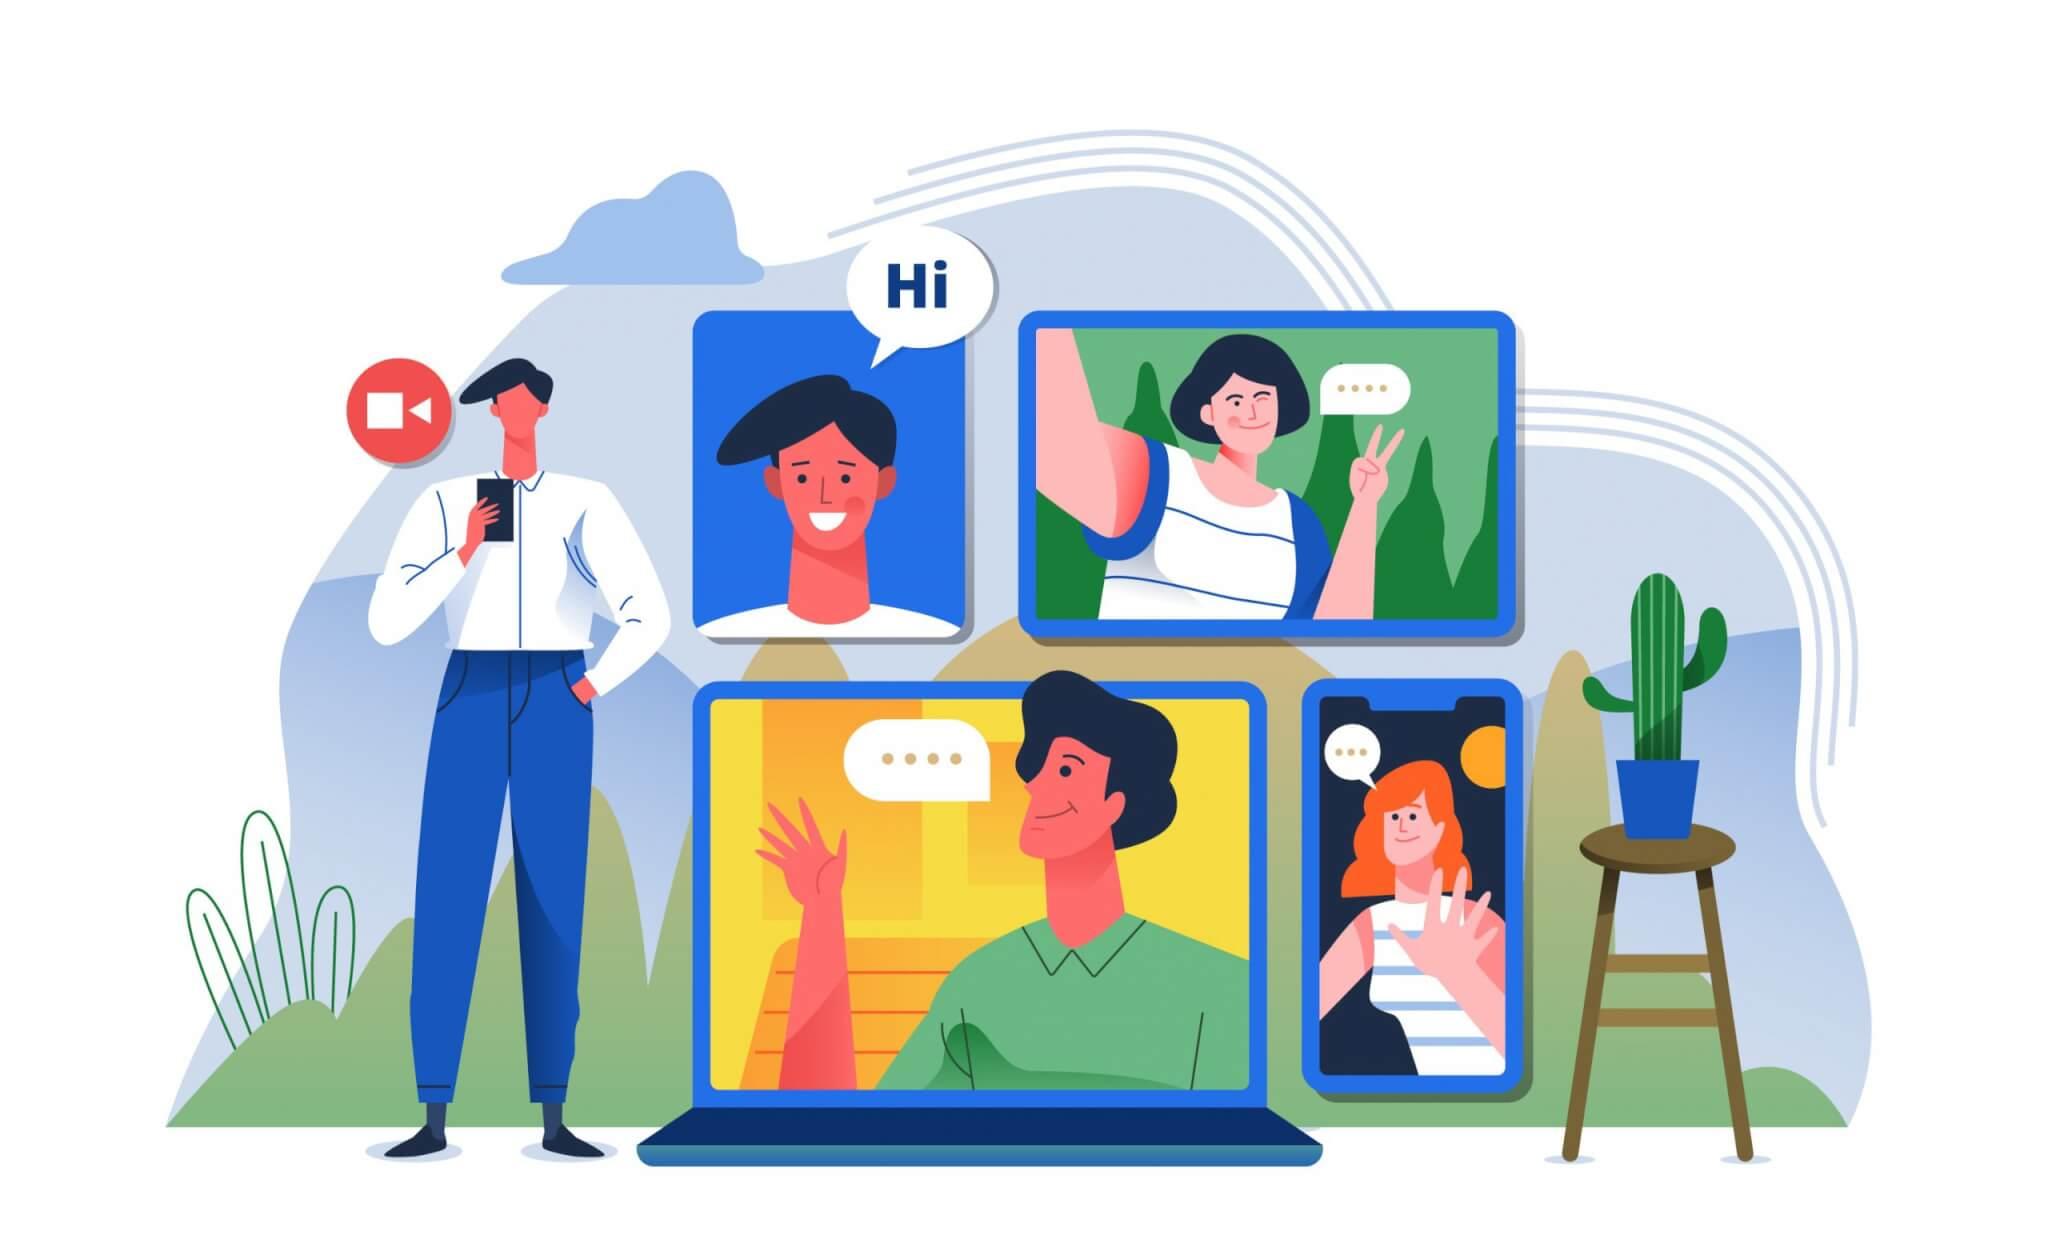 ציור של אנשים המופיעים בגאדג'טים - מחשב נייד, נייד, טאבלט ואיש עומד ליד המראה על אסטרטגיית השיווק ל2020